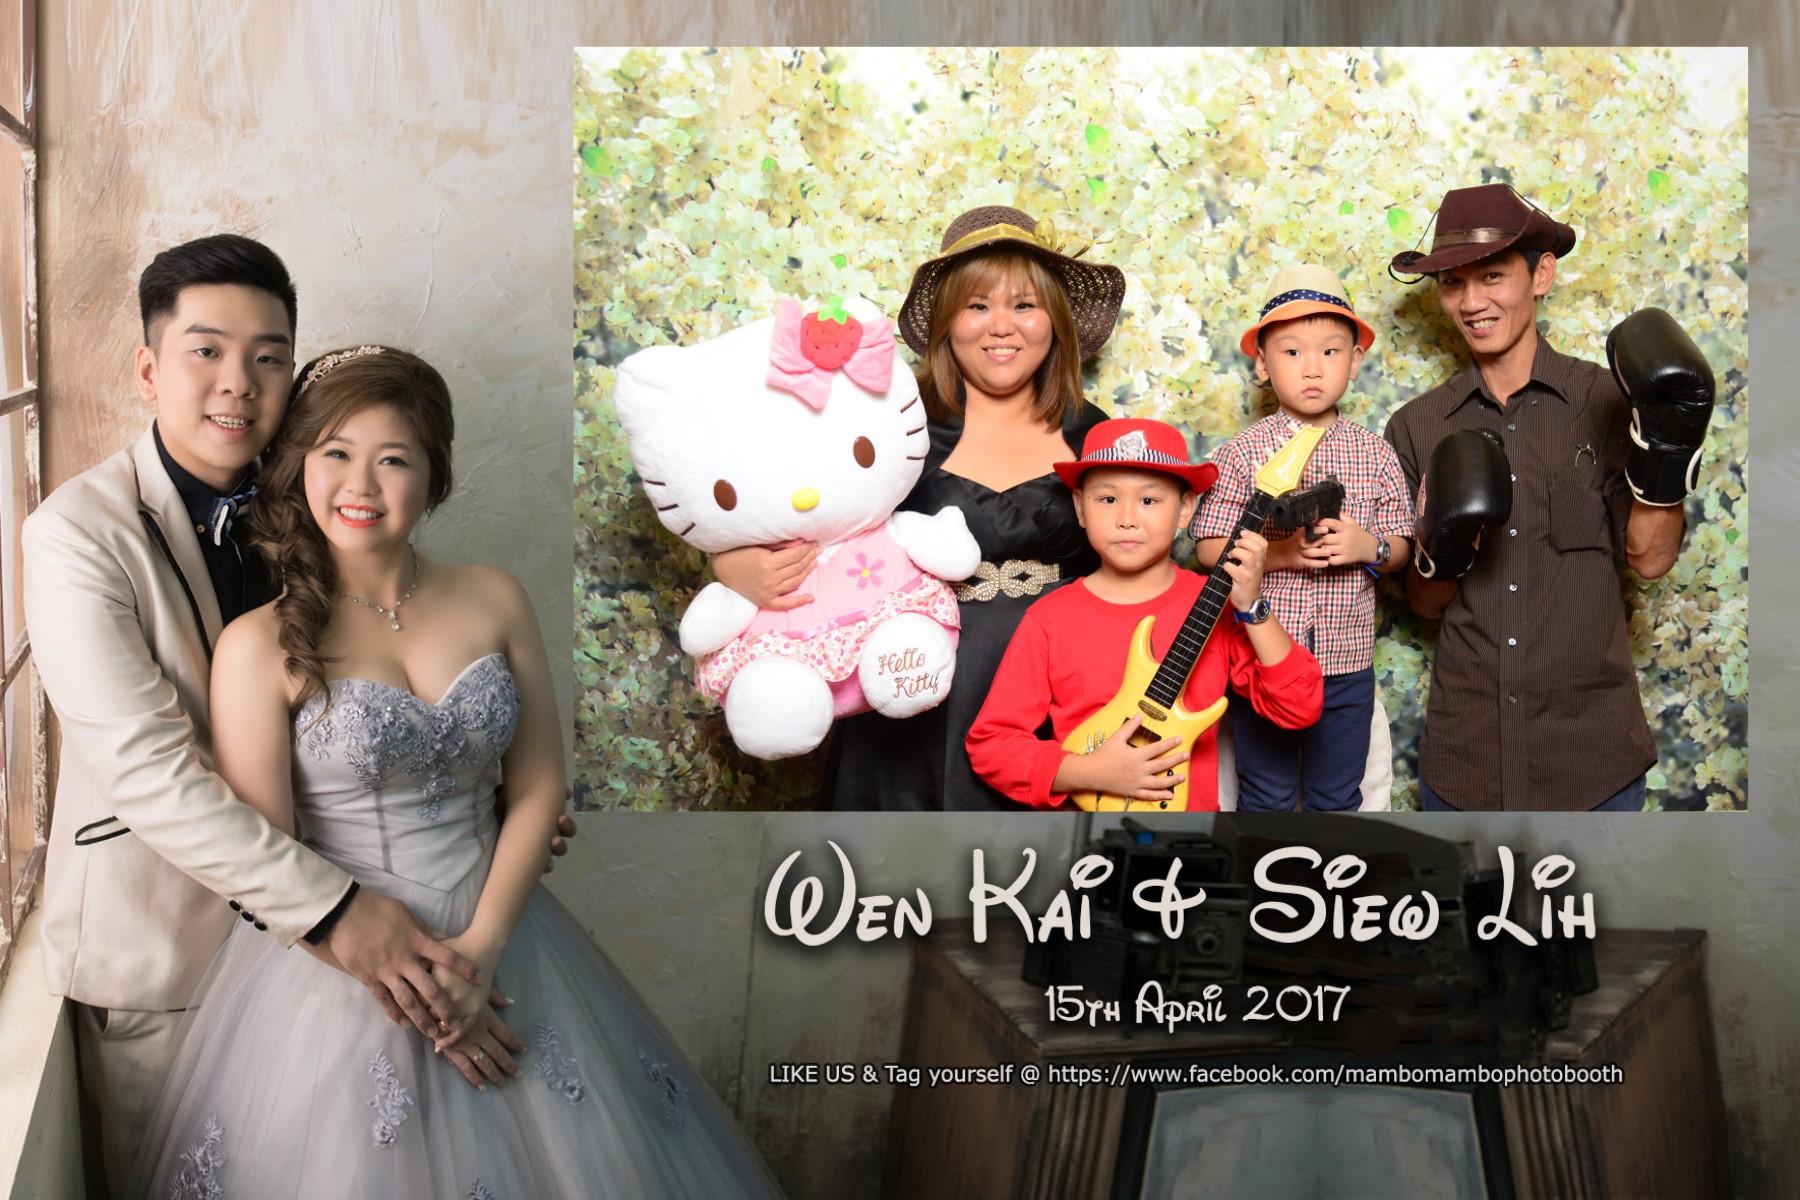 Wen Kai & Siew Lih